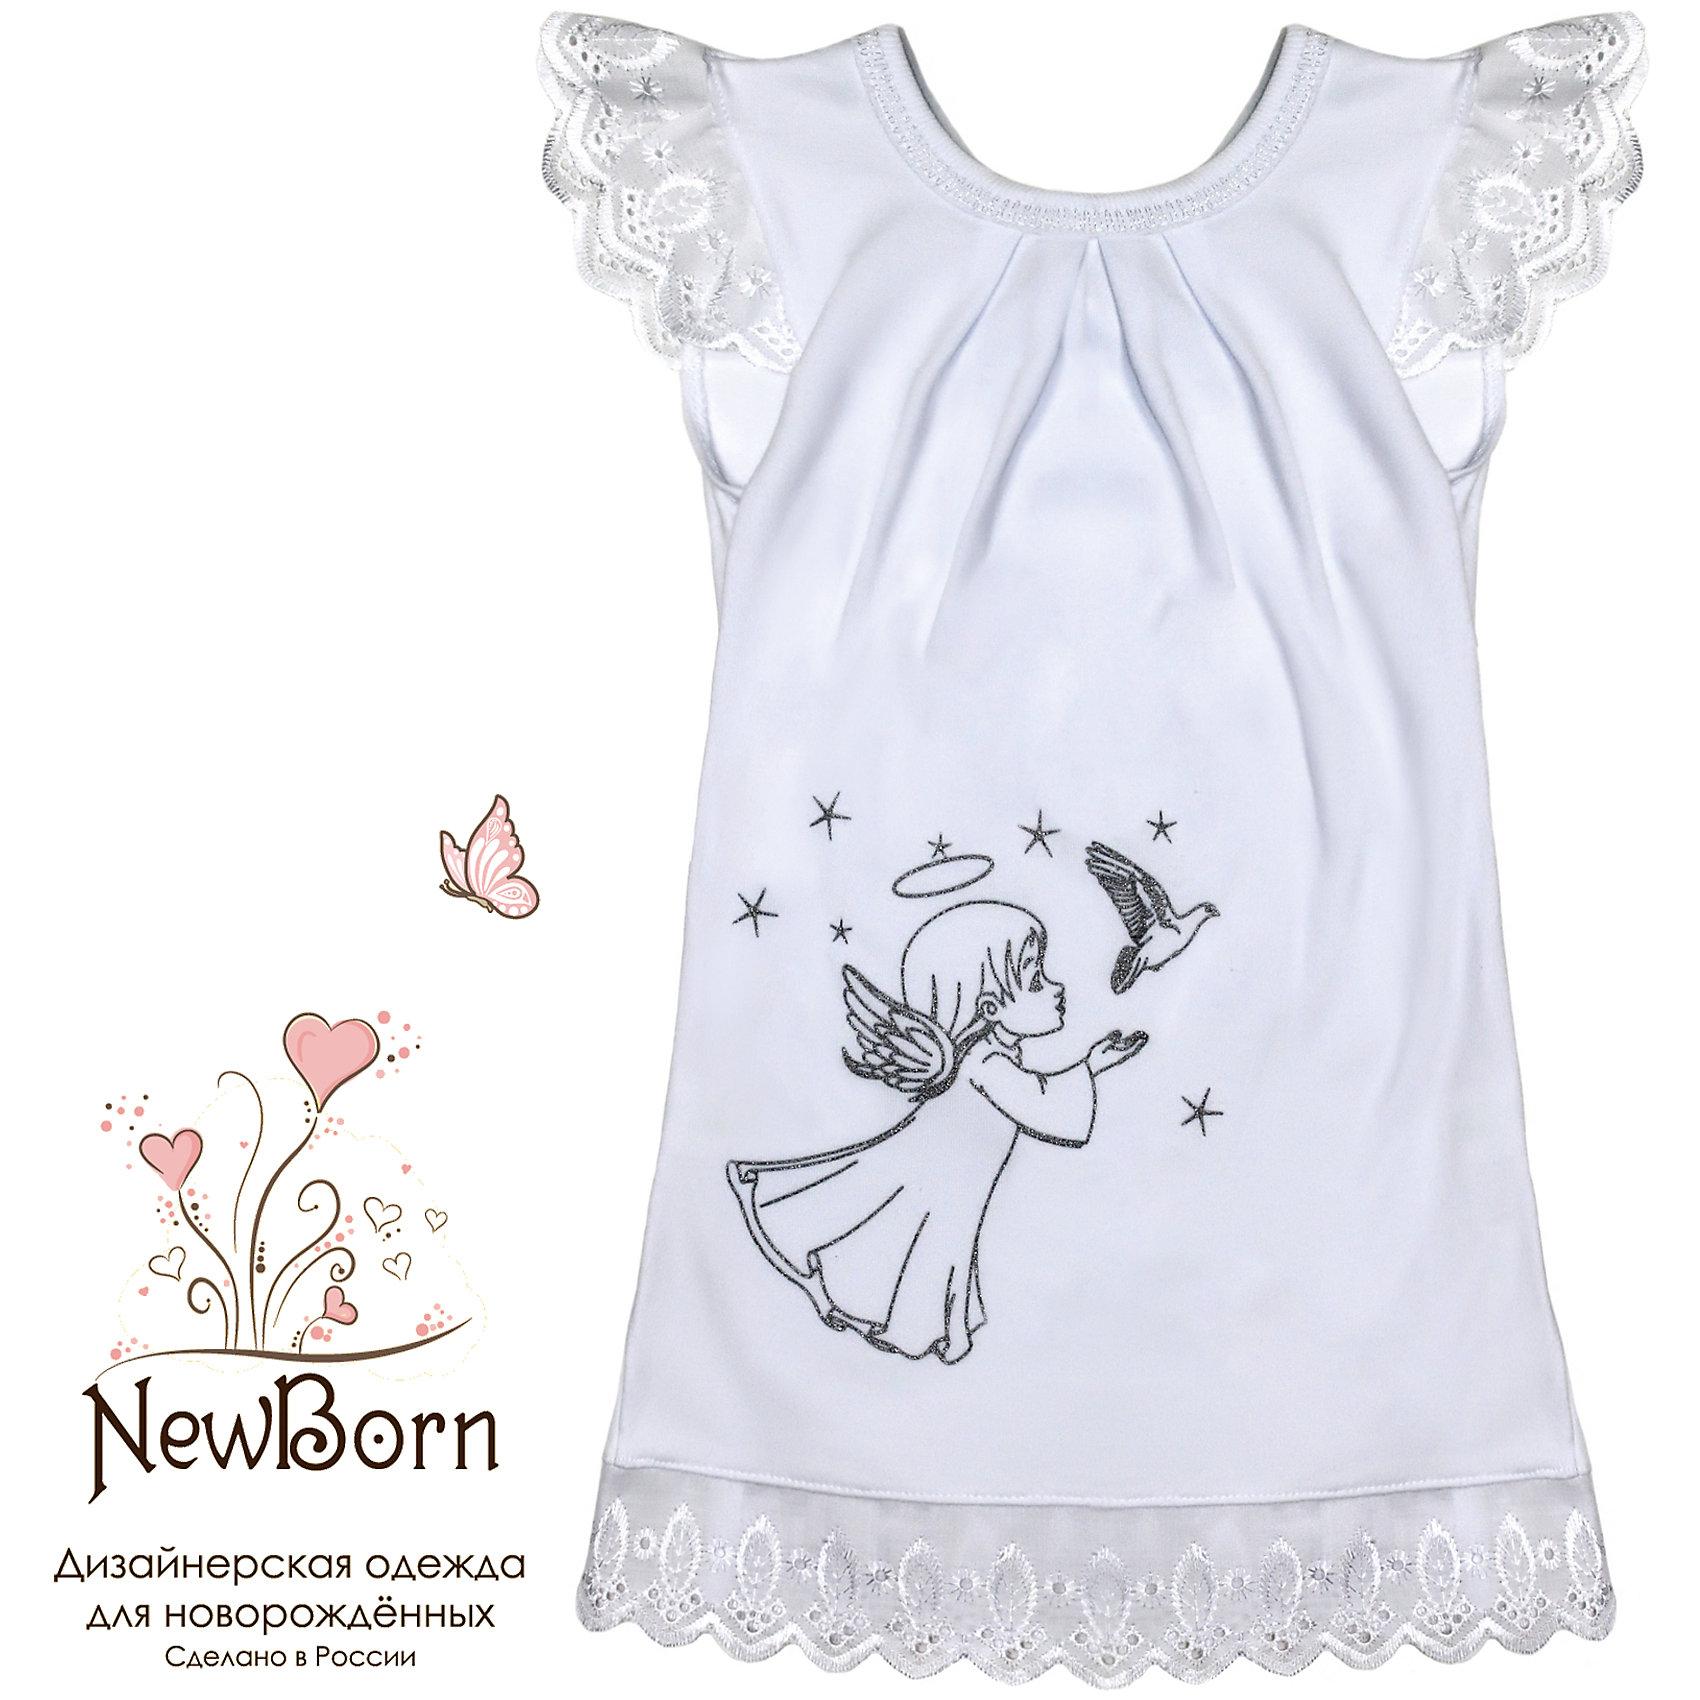 Крестильное платье, шитье, р-р 80, NewBorn, белыйПлатья<br>Характеристики:<br><br>• Вид детской одежды: платье с капюшоном<br>• Предназначение: для крещения<br>• Коллекция: NewBorn<br>• Сезон: круглый год<br>• Пол: для девочки<br>• Тематика рисунка: ангелы<br>• Размер: 80<br>• Цвет: белый, серый<br>• Материал: трикотаж, хлопок<br>• Длина рукава: без рукавов<br>• Декорировано шитьем<br>• Передняя полочка украшена термонаклейкой в виде ангела<br>• Особенности ухода: допускается деликатная стирка без использования красящих и отбеливающих средств<br><br>Крестильное платье, шитье, р-р 80, NewBorn, белый из коллекции NewBorn от отечественного швейного производства ТексПром предназначено для создания праздничного образа девочки во время торжественного обряда крещения. Платье представлено в коллекции NewBorn, которая сочетает в себе классические и современные тенденции в мире моды для новорожденных, при этом при технологии изготовления детской одежды сохраняются самые лучшие традиции: свободный крой, внешние швы и натуральные ткани. Платье выполнено из трикотажа, круглый вырез горловины обработан трикотажной бейкой белого цвета. Праздничный образ создается за использования в отделке платья шитья белого цвета: им оформлены рукава-крылышки и низ платья, передняя полочка декорирована термонаклейкой в виде ангела. <br><br>Крестильное платье с капюшоном, тесьма, р-р 80, NewBorn, белый можно купить в нашем интернет-магазине.<br><br>Ширина мм: 220<br>Глубина мм: 5<br>Высота мм: 400<br>Вес г: 200<br>Возраст от месяцев: 9<br>Возраст до месяцев: 12<br>Пол: Женский<br>Возраст: Детский<br>SKU: 4912532